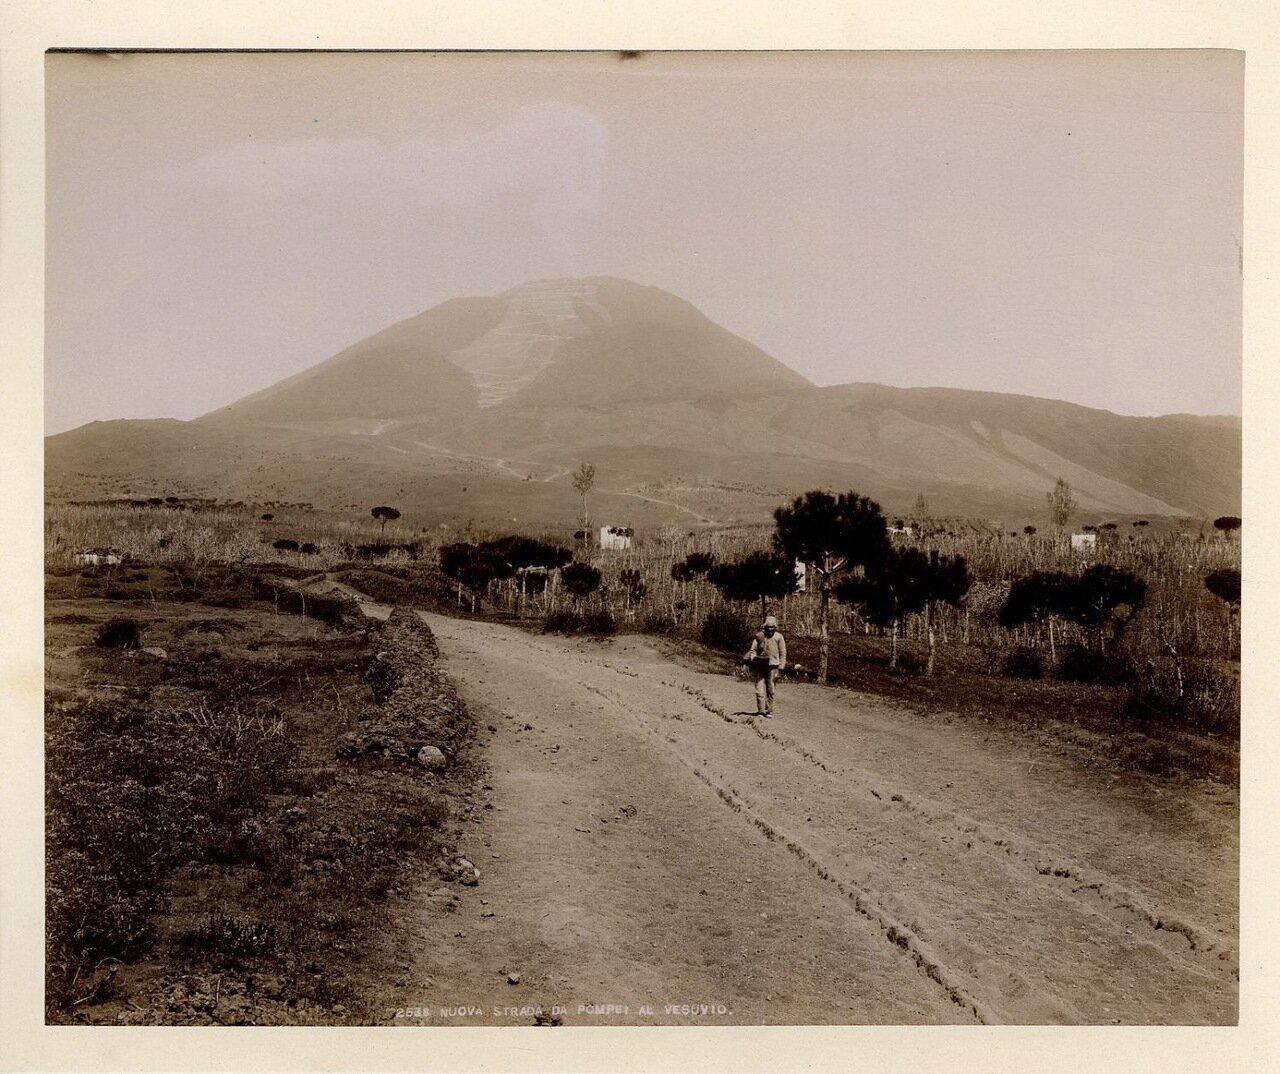 1875. Дорога из Помпей к Везувию